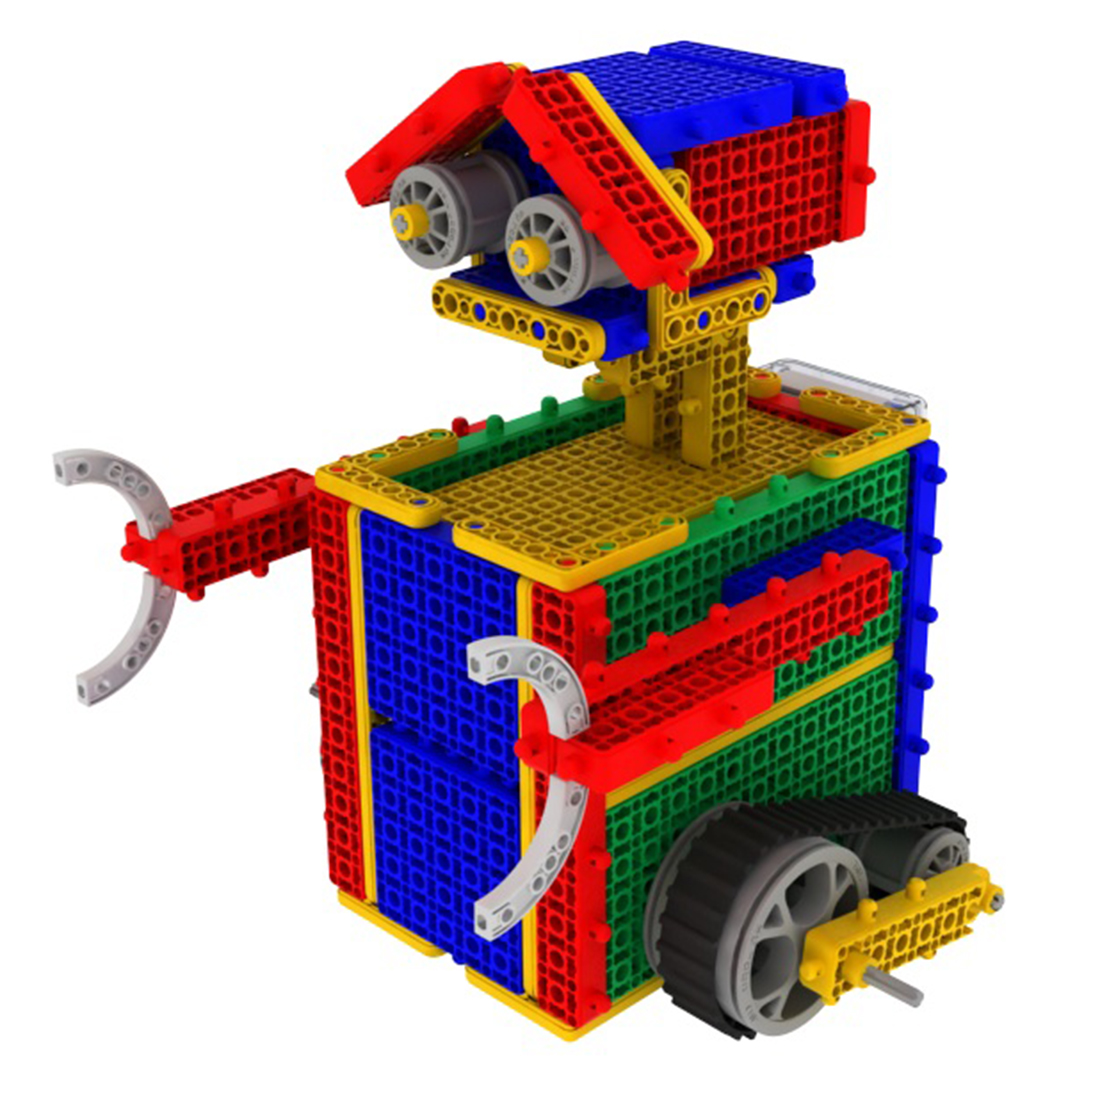 conjunto kit brinquedo robo educacional para iniciante 05